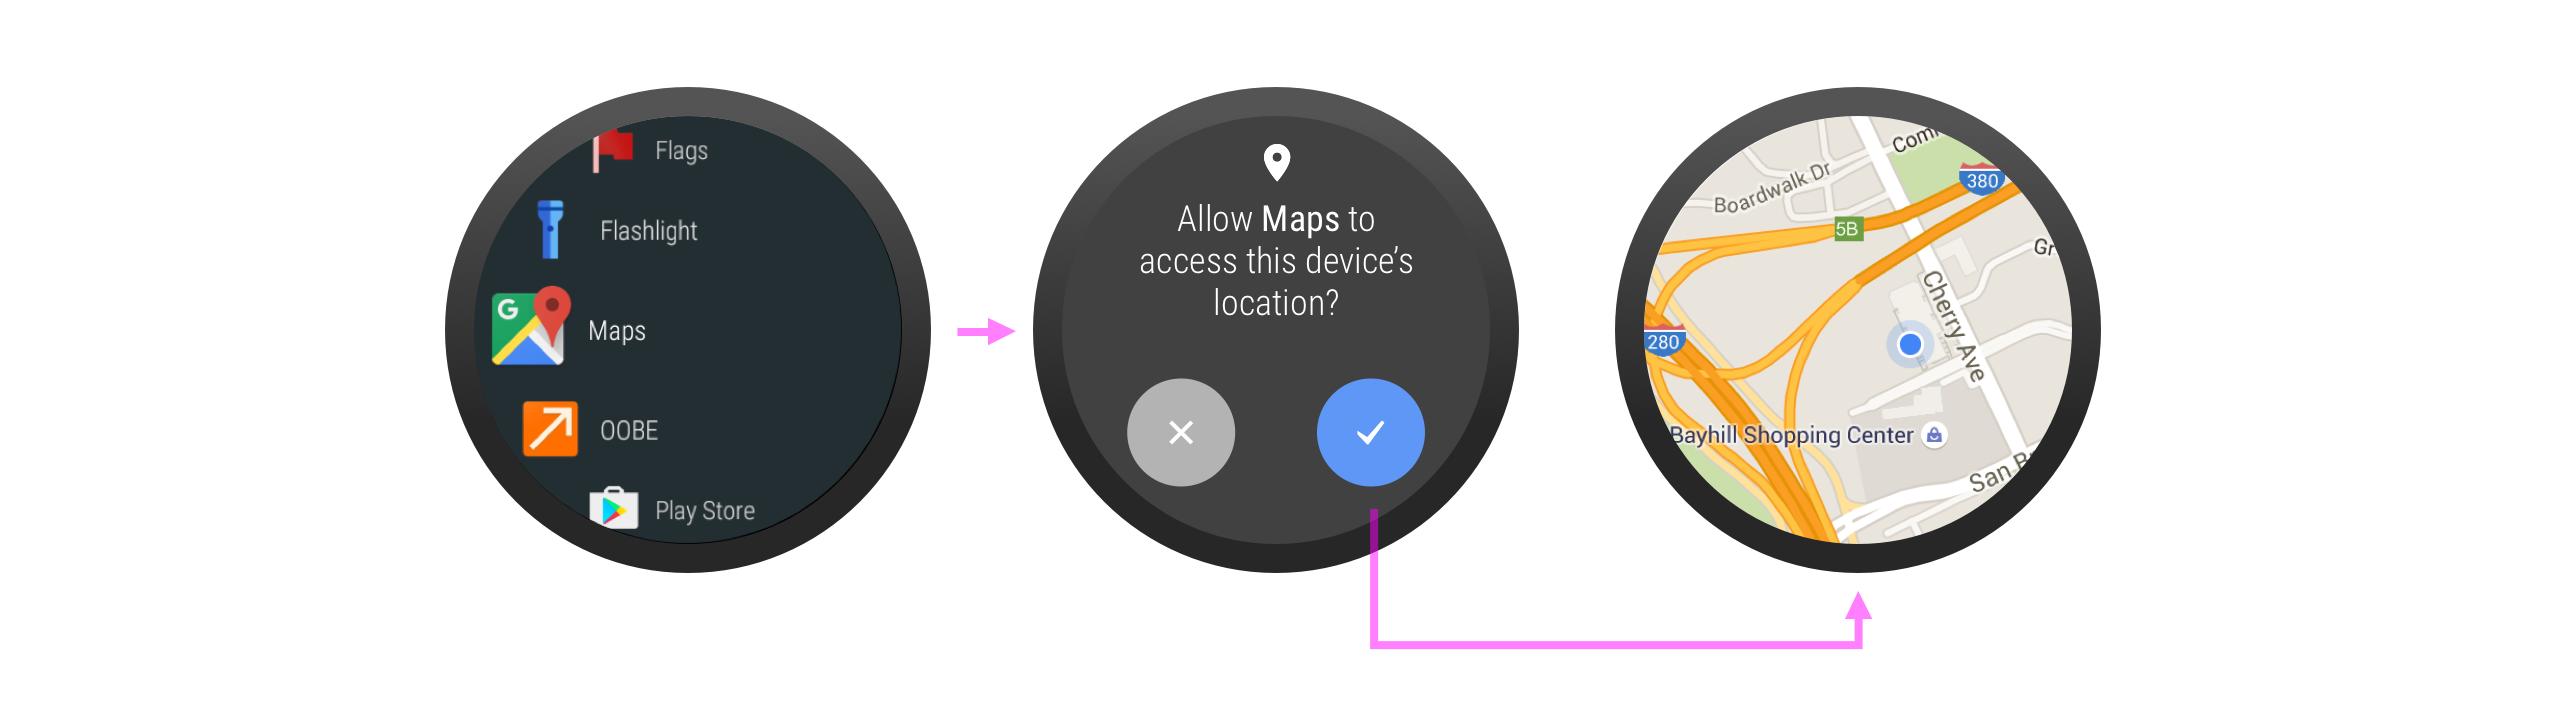 앱을 실행하는 데 권한이 명확히 필요한 경우 실행 즉시 이 권한을 요청할 수 있습니다.